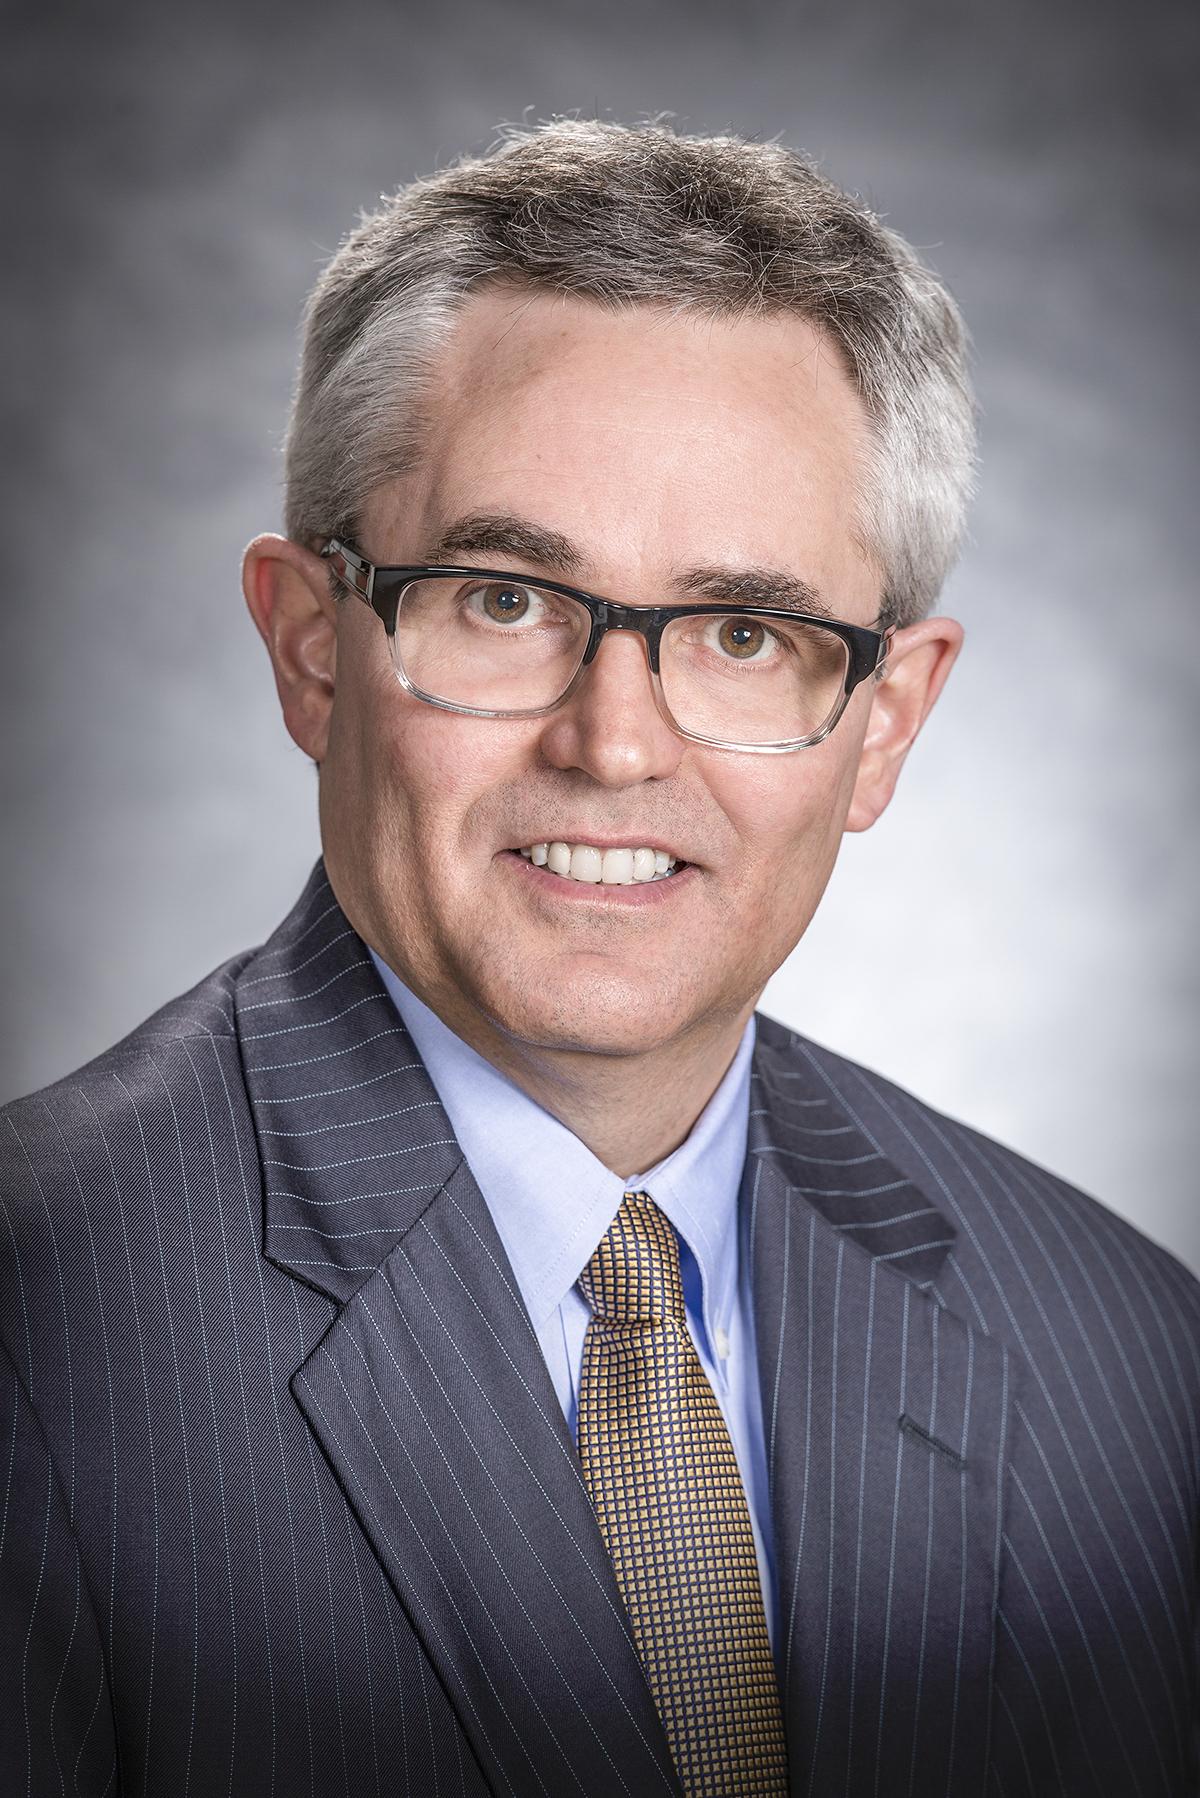 NCTM President Dr. Matt Larson